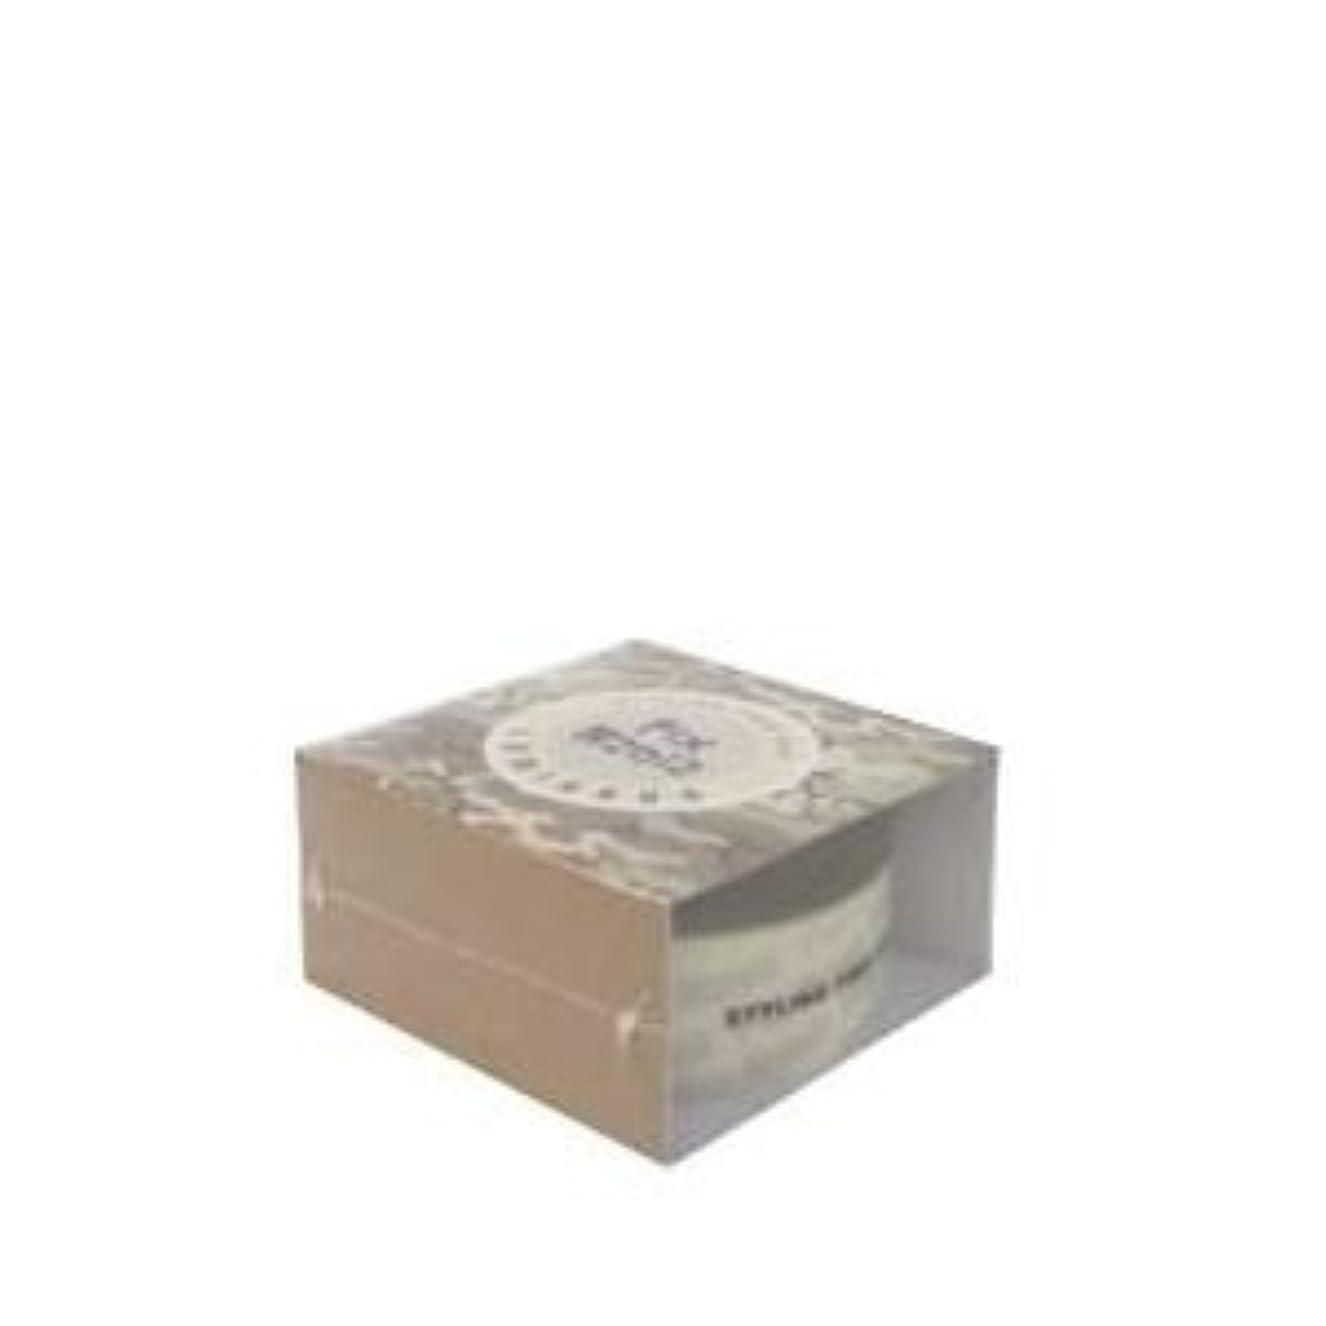 フェミニン添付白鳥イリヤコスメティクス フィクスマニア ルミナス50g(スタイリングワックス)